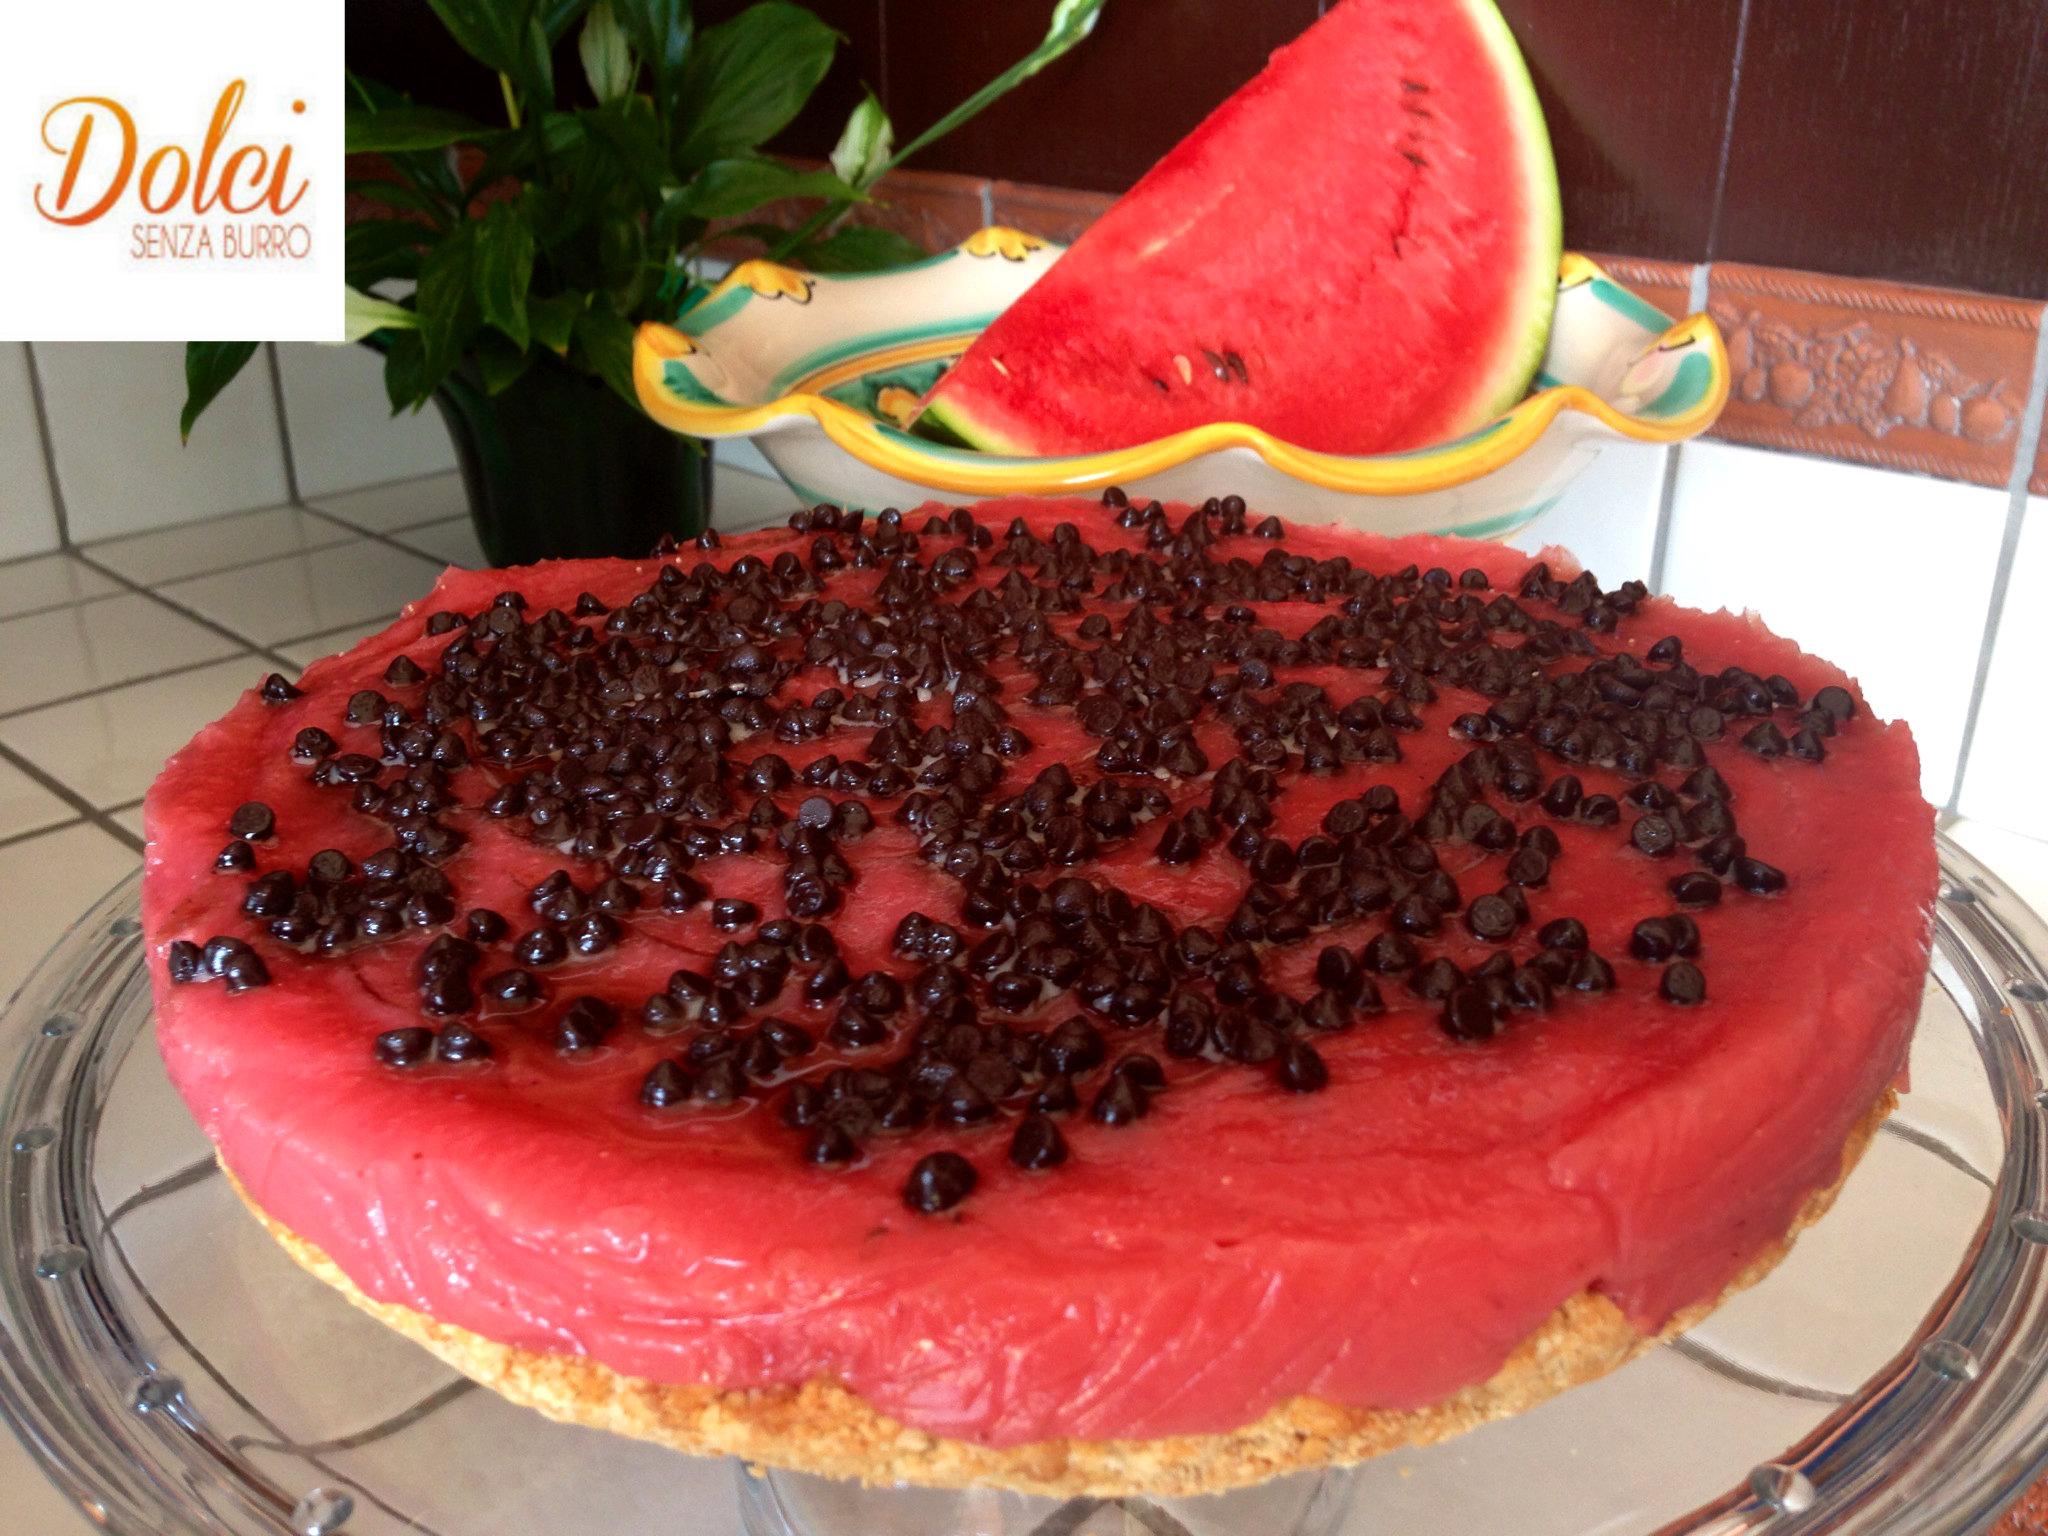 Gelo di anguria su frolla senza burro, la versione originale del dolce siciliano di dolci senza burro